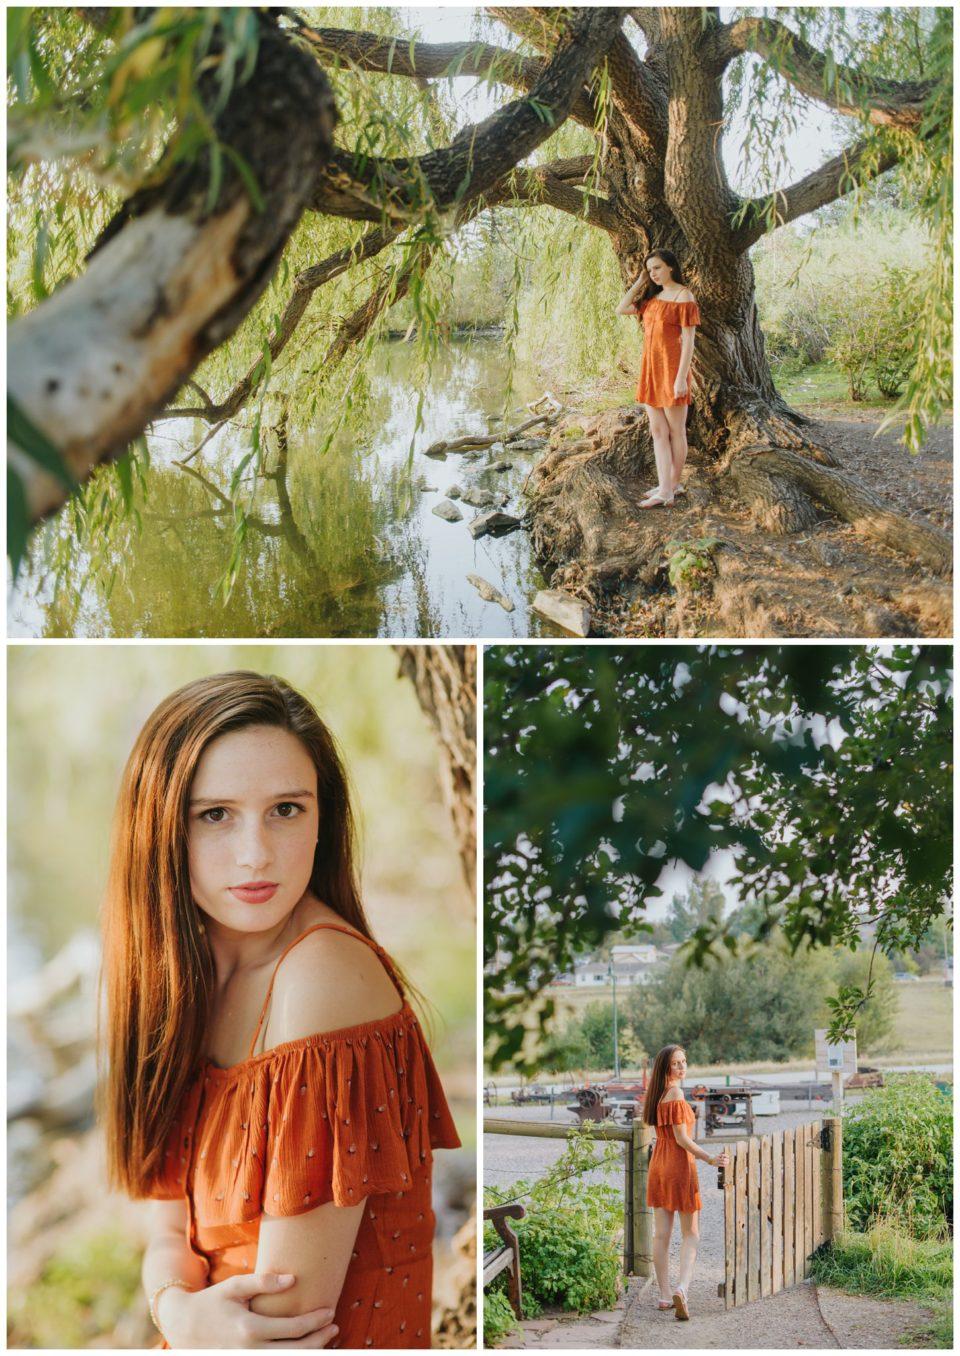 tree lake orange dress senior girl